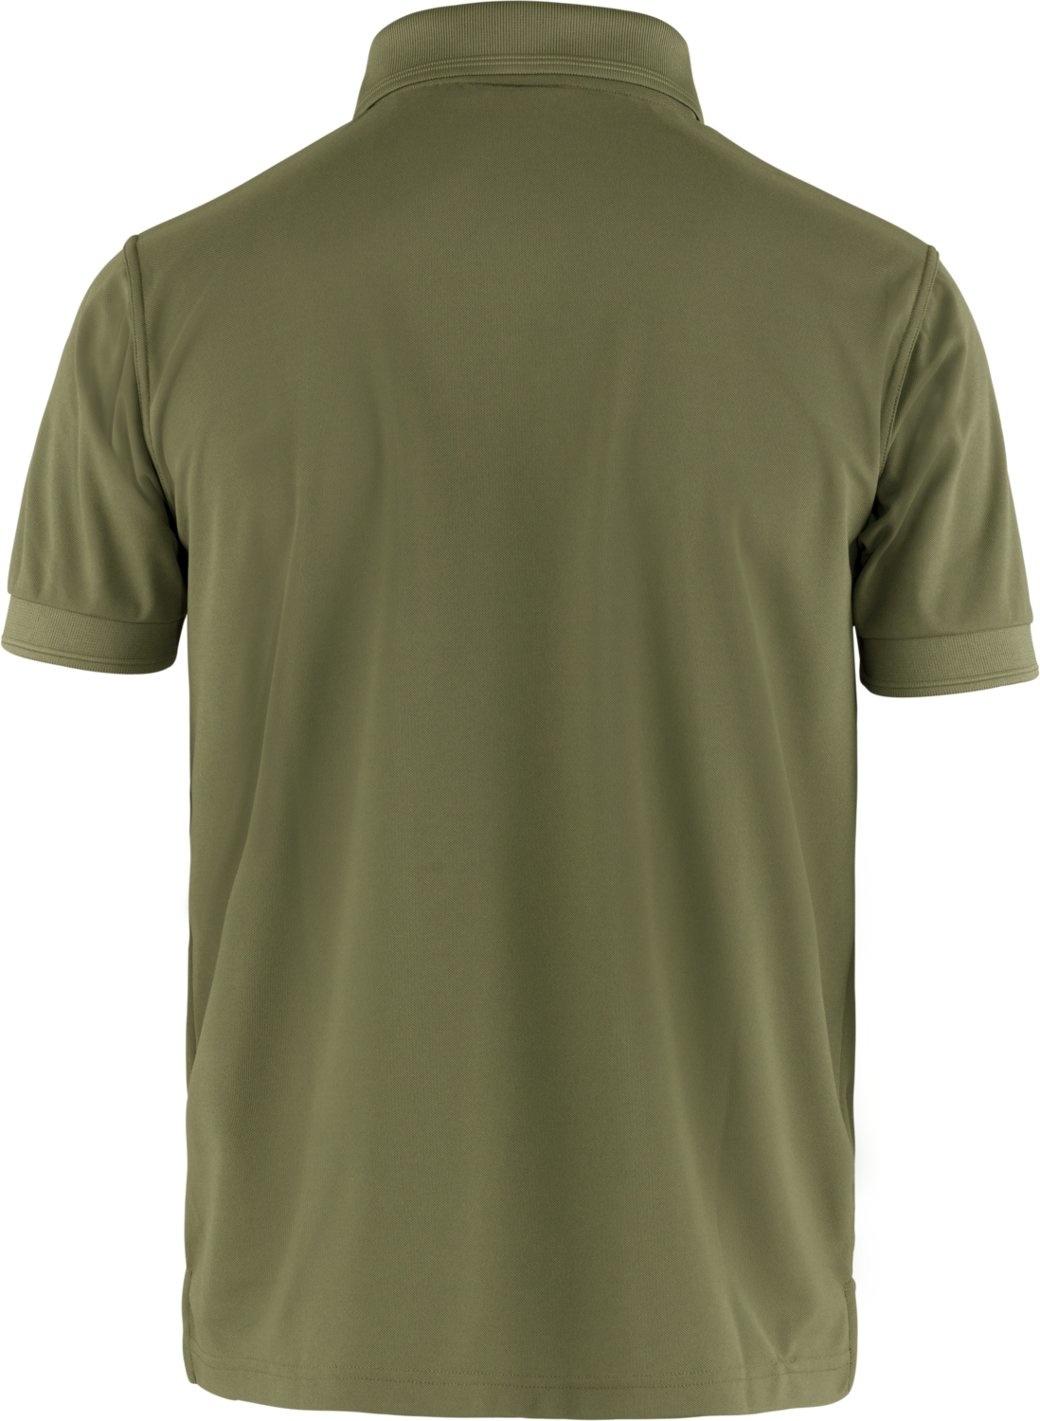 Fjällräven Crowley Pique Shirt M Light Olive-2